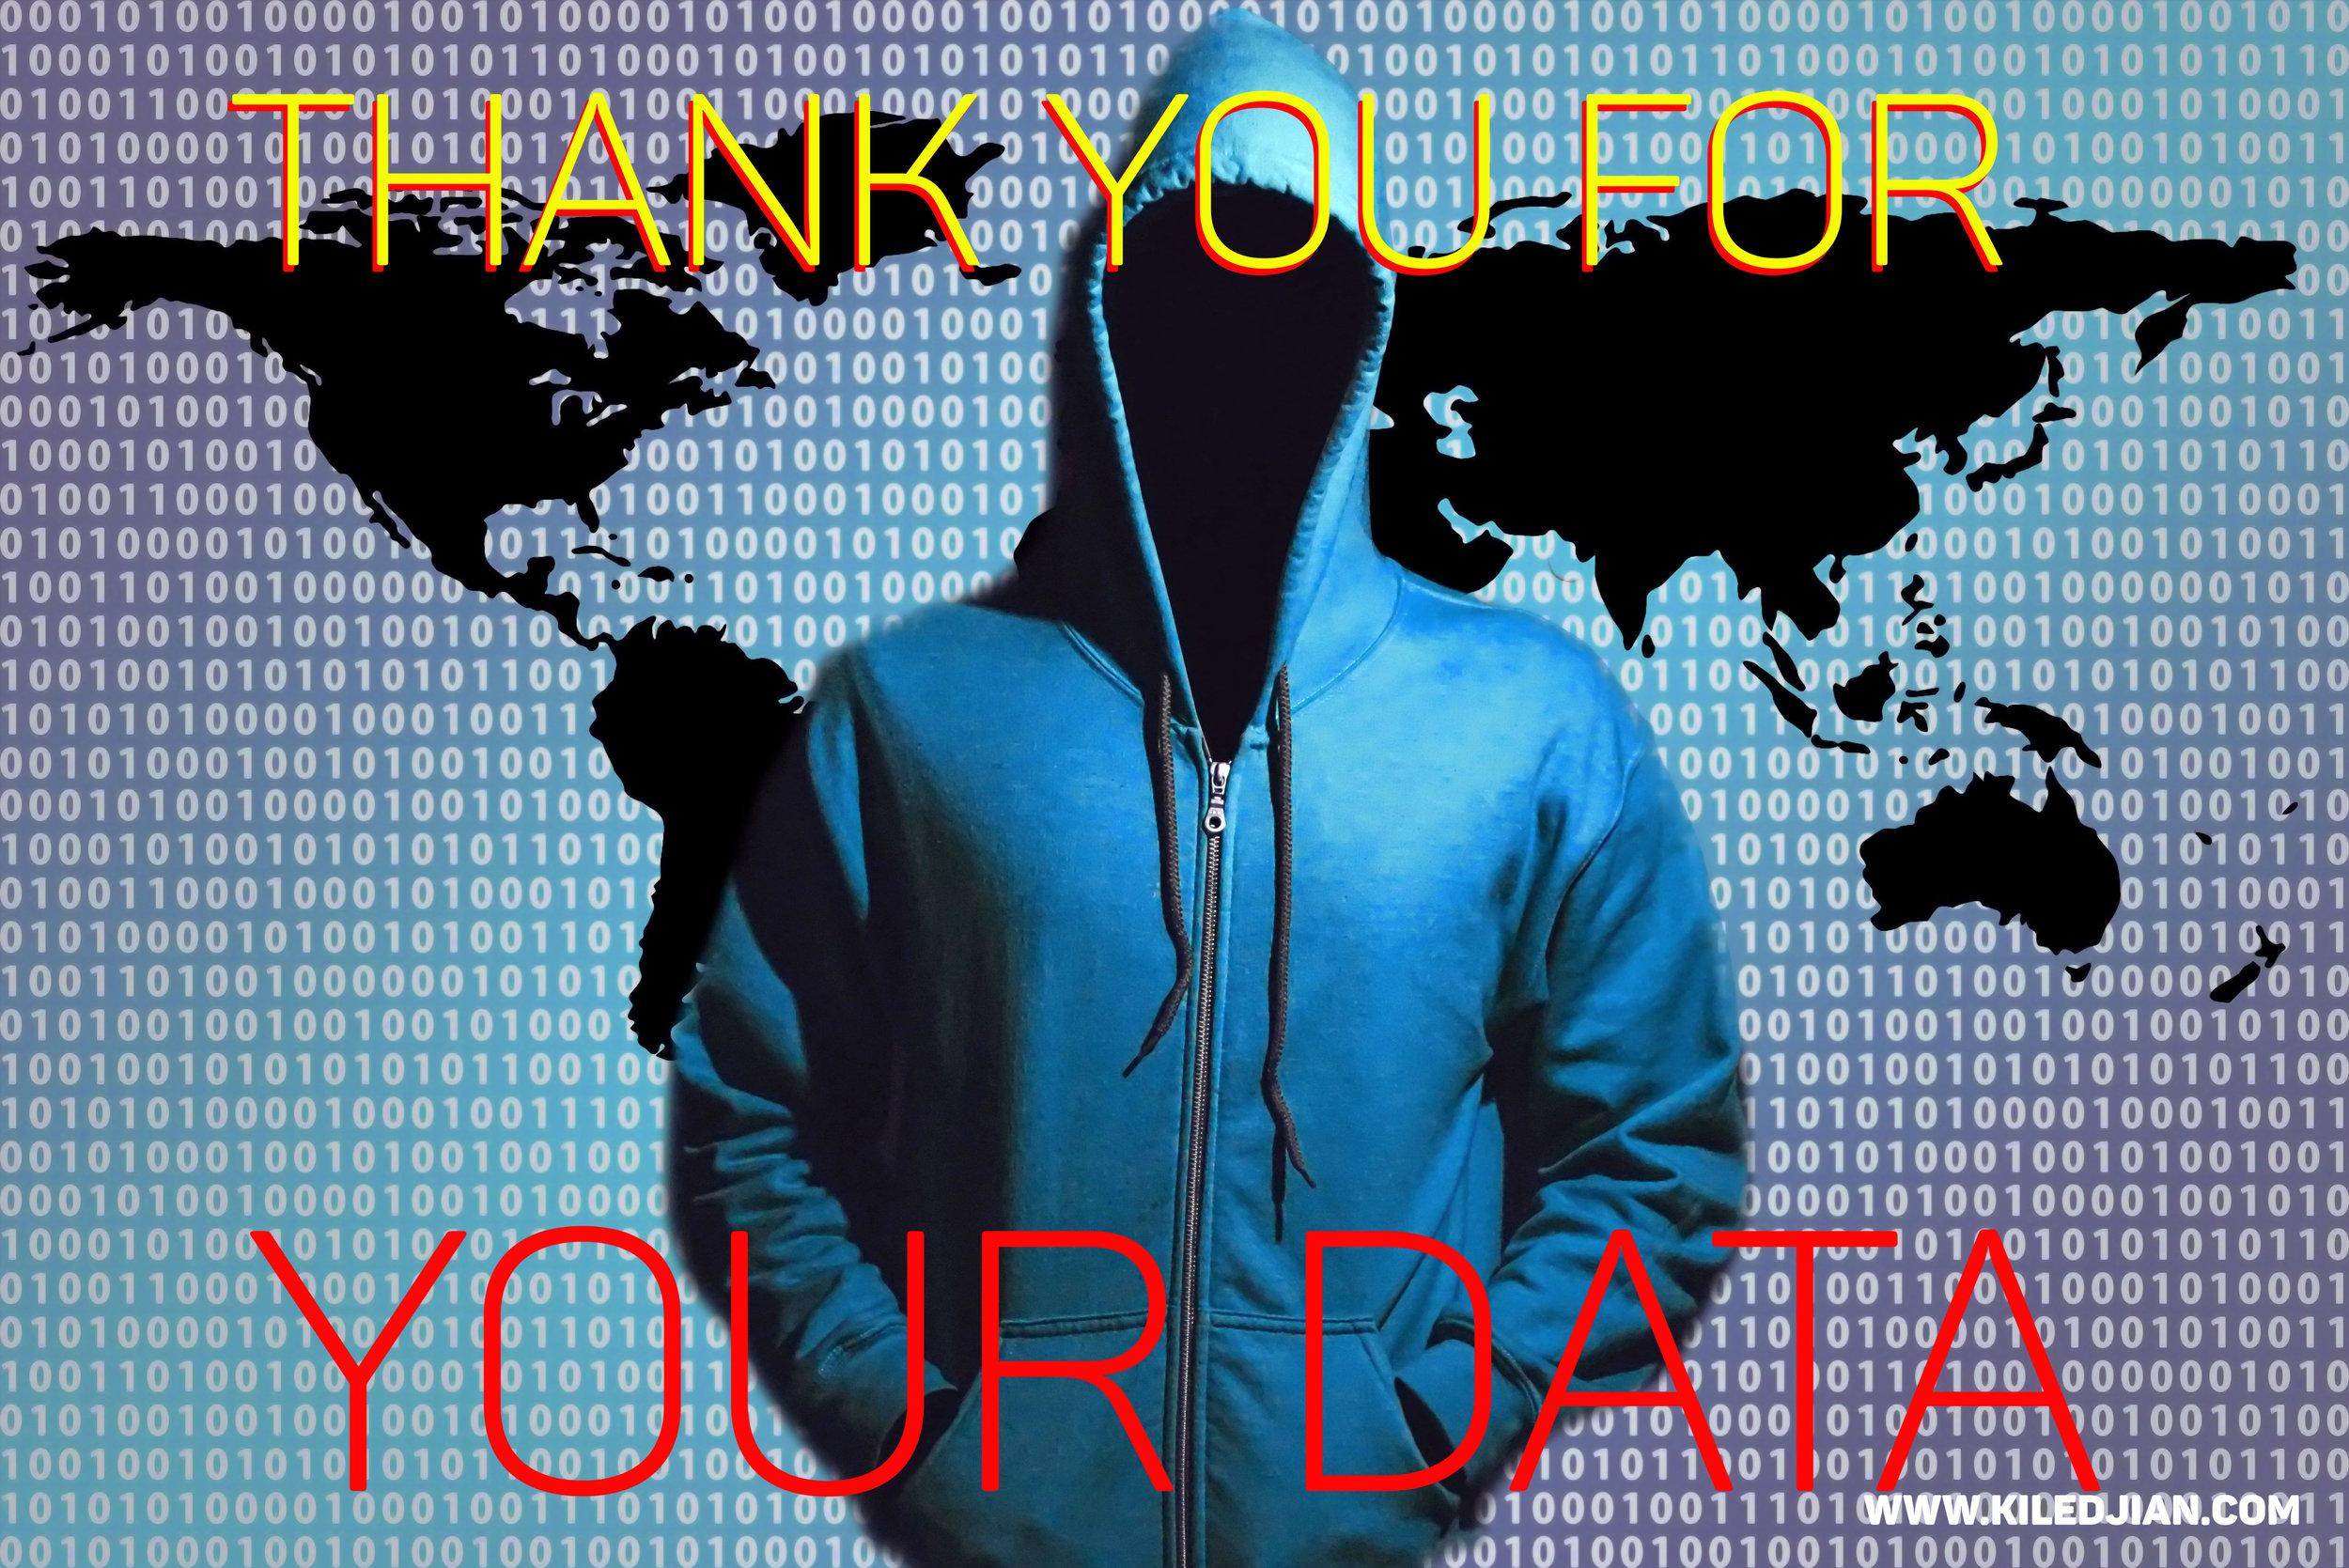 Your_data.jpg